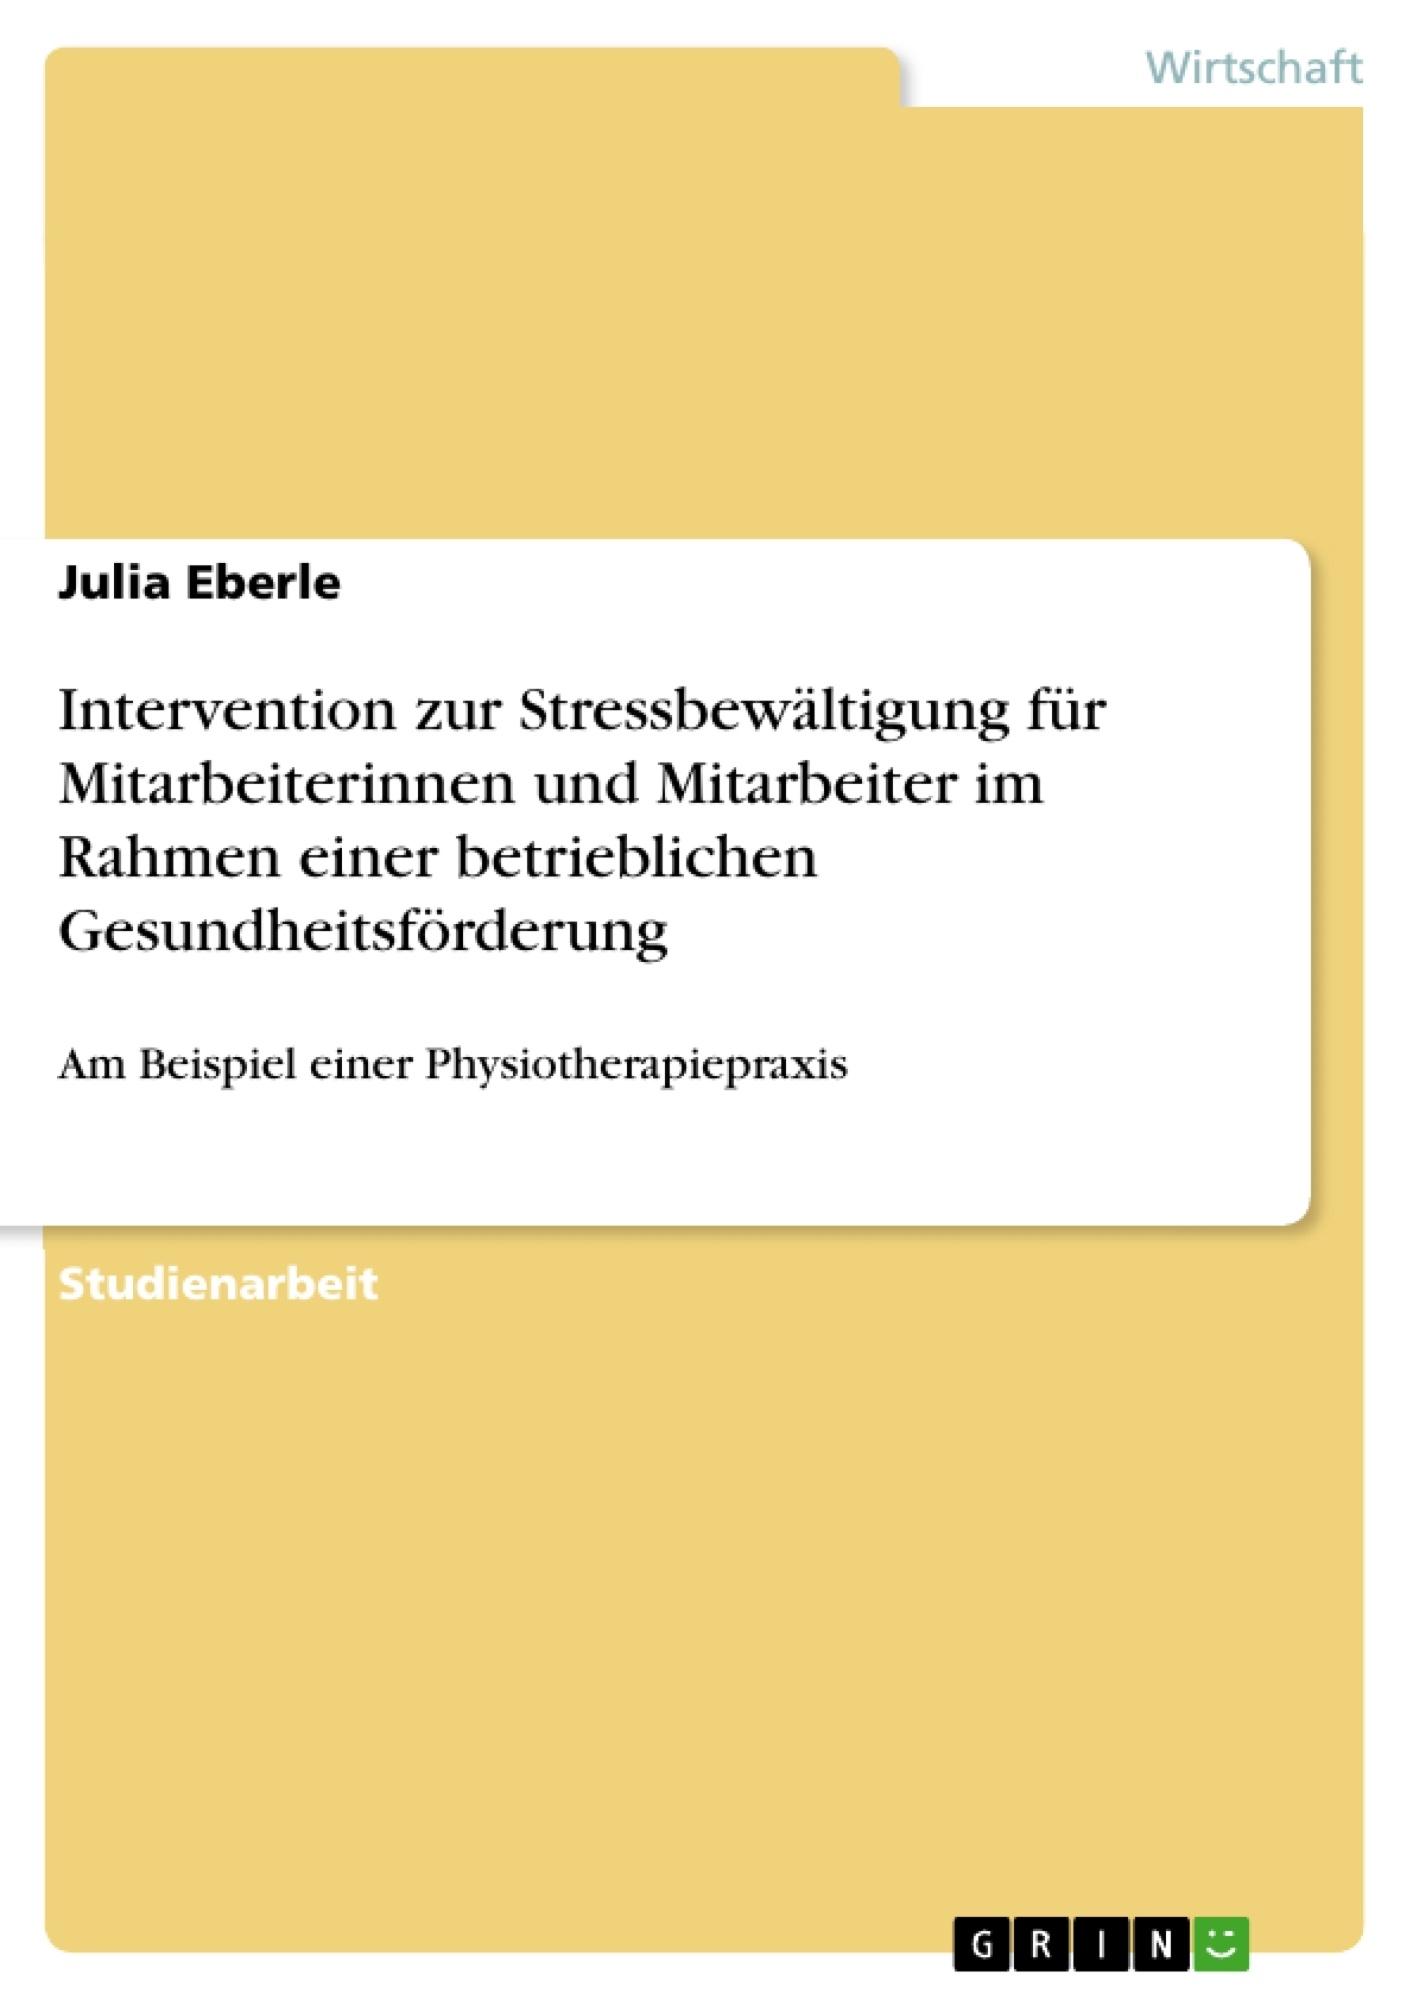 Titel: Intervention zur Stressbewältigung für Mitarbeiterinnen und Mitarbeiter im Rahmen einer betrieblichen Gesundheitsförderung